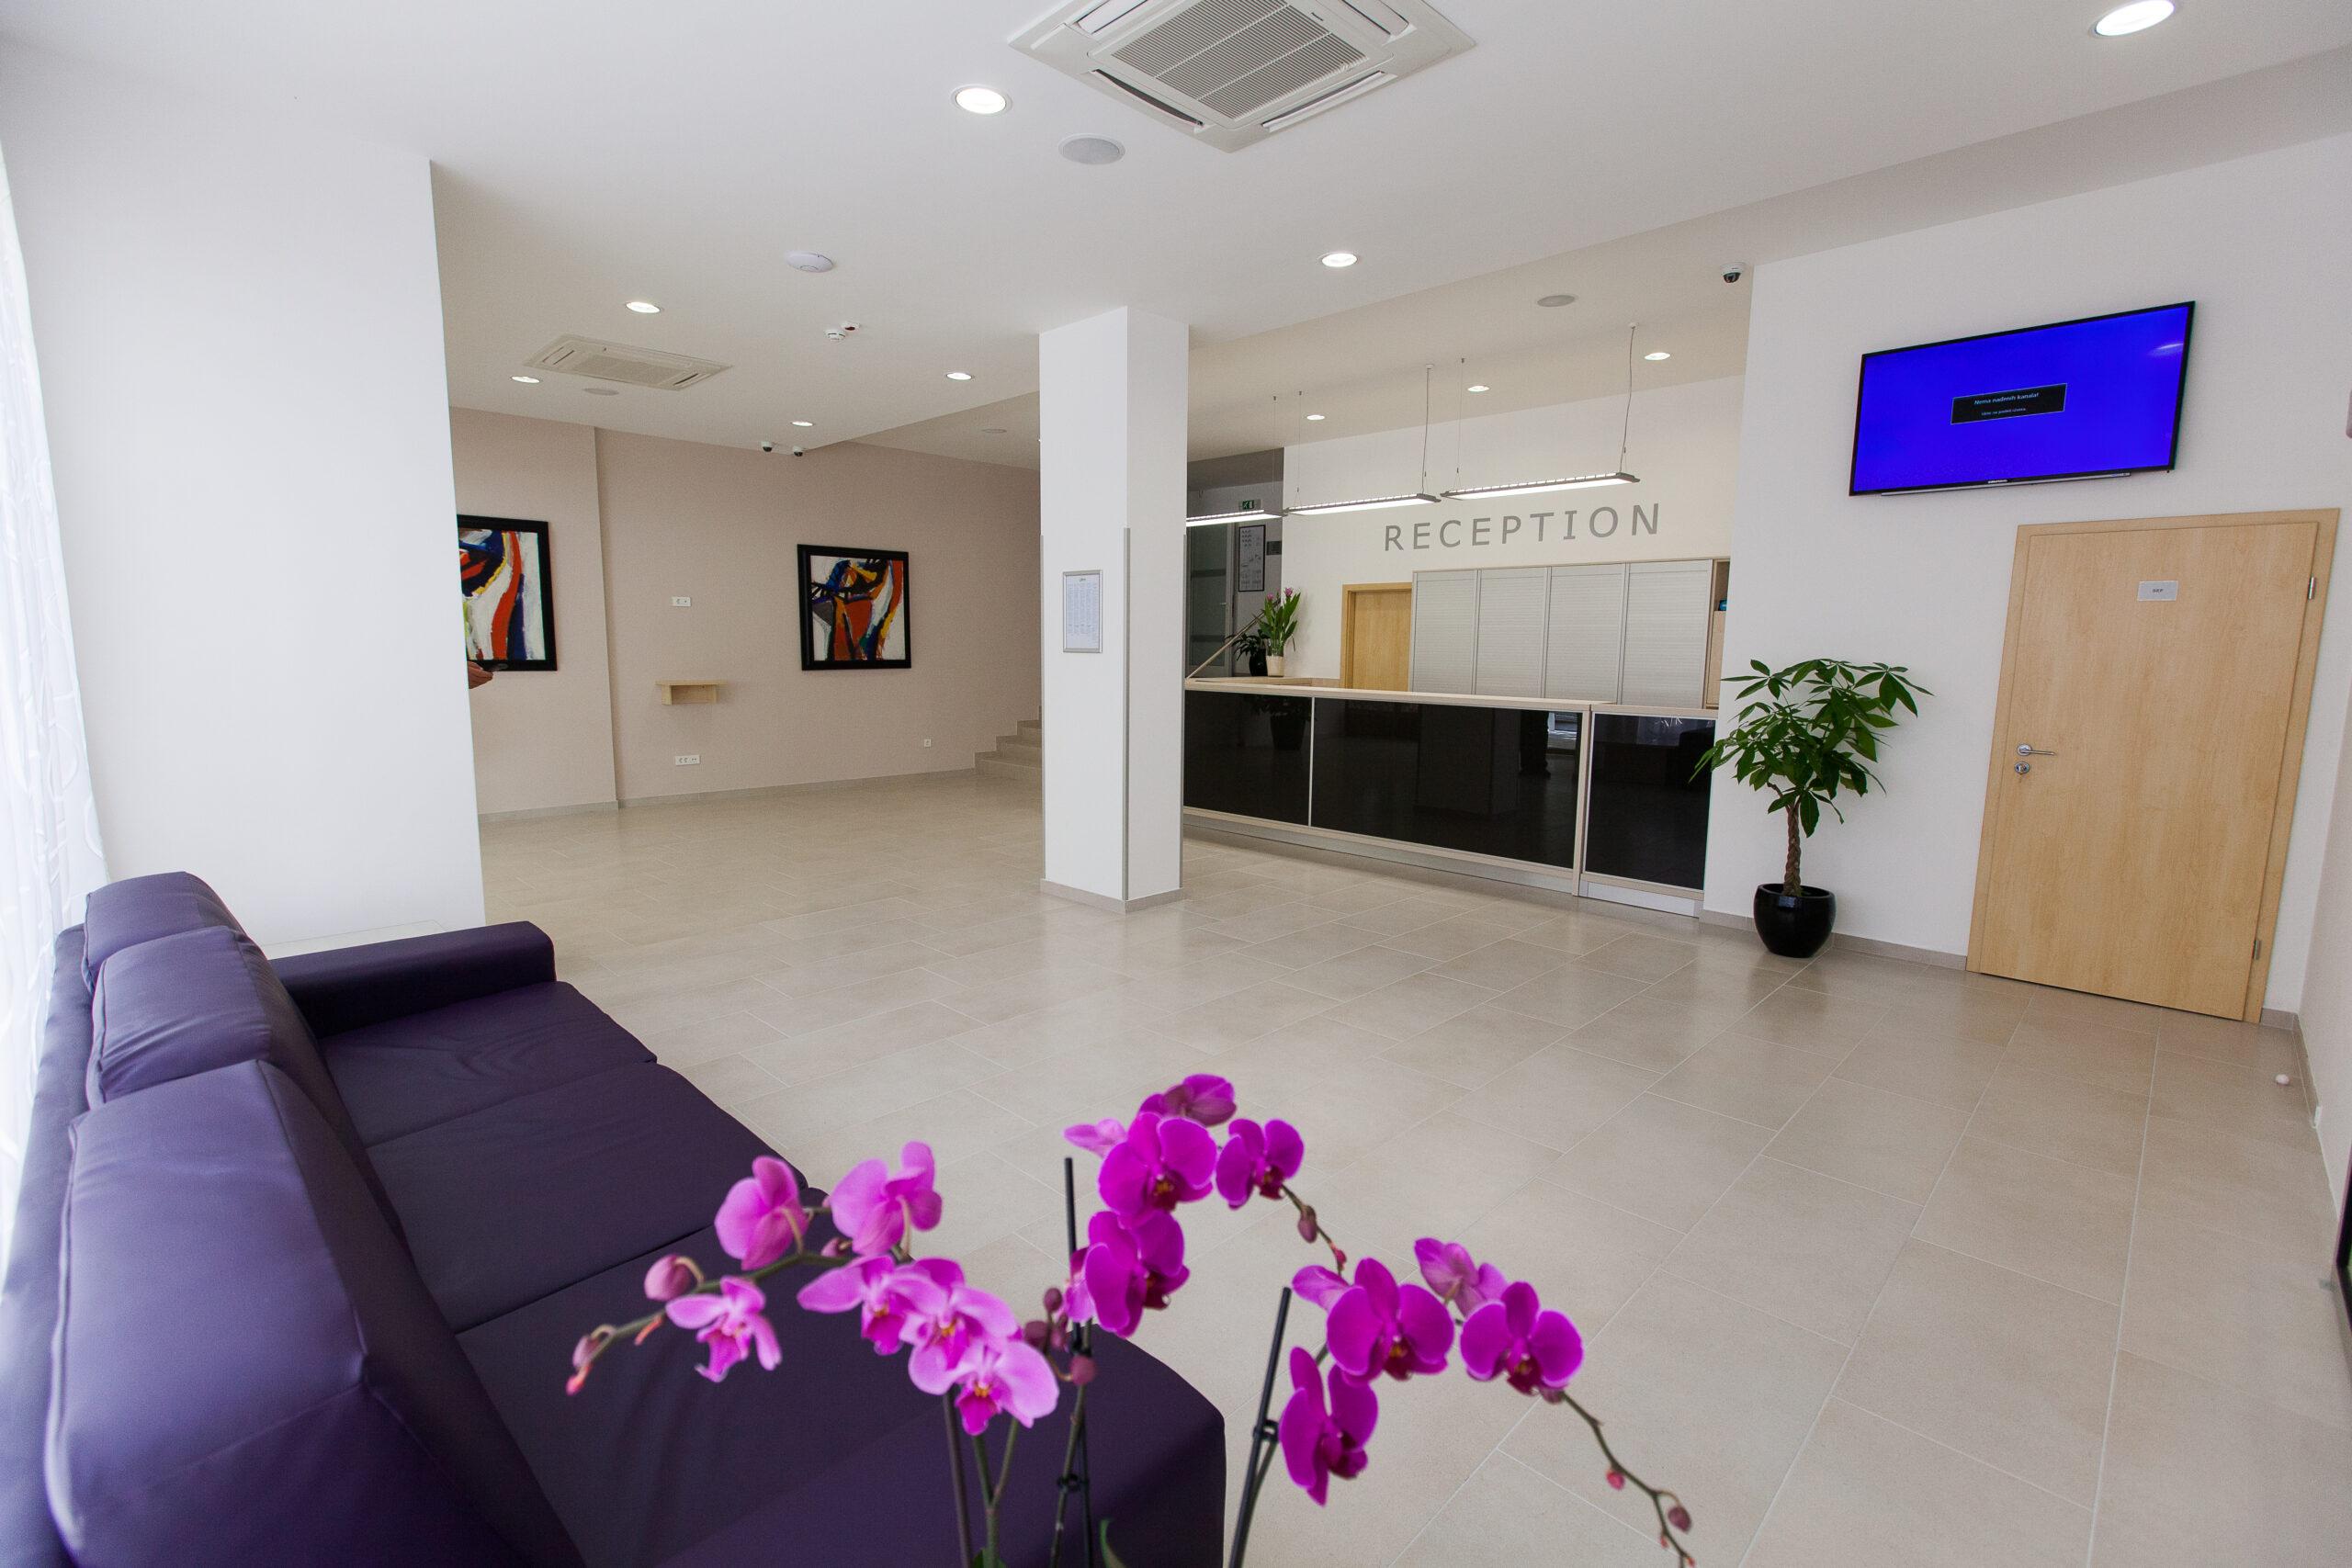 Reception_hotel Slaven (3)